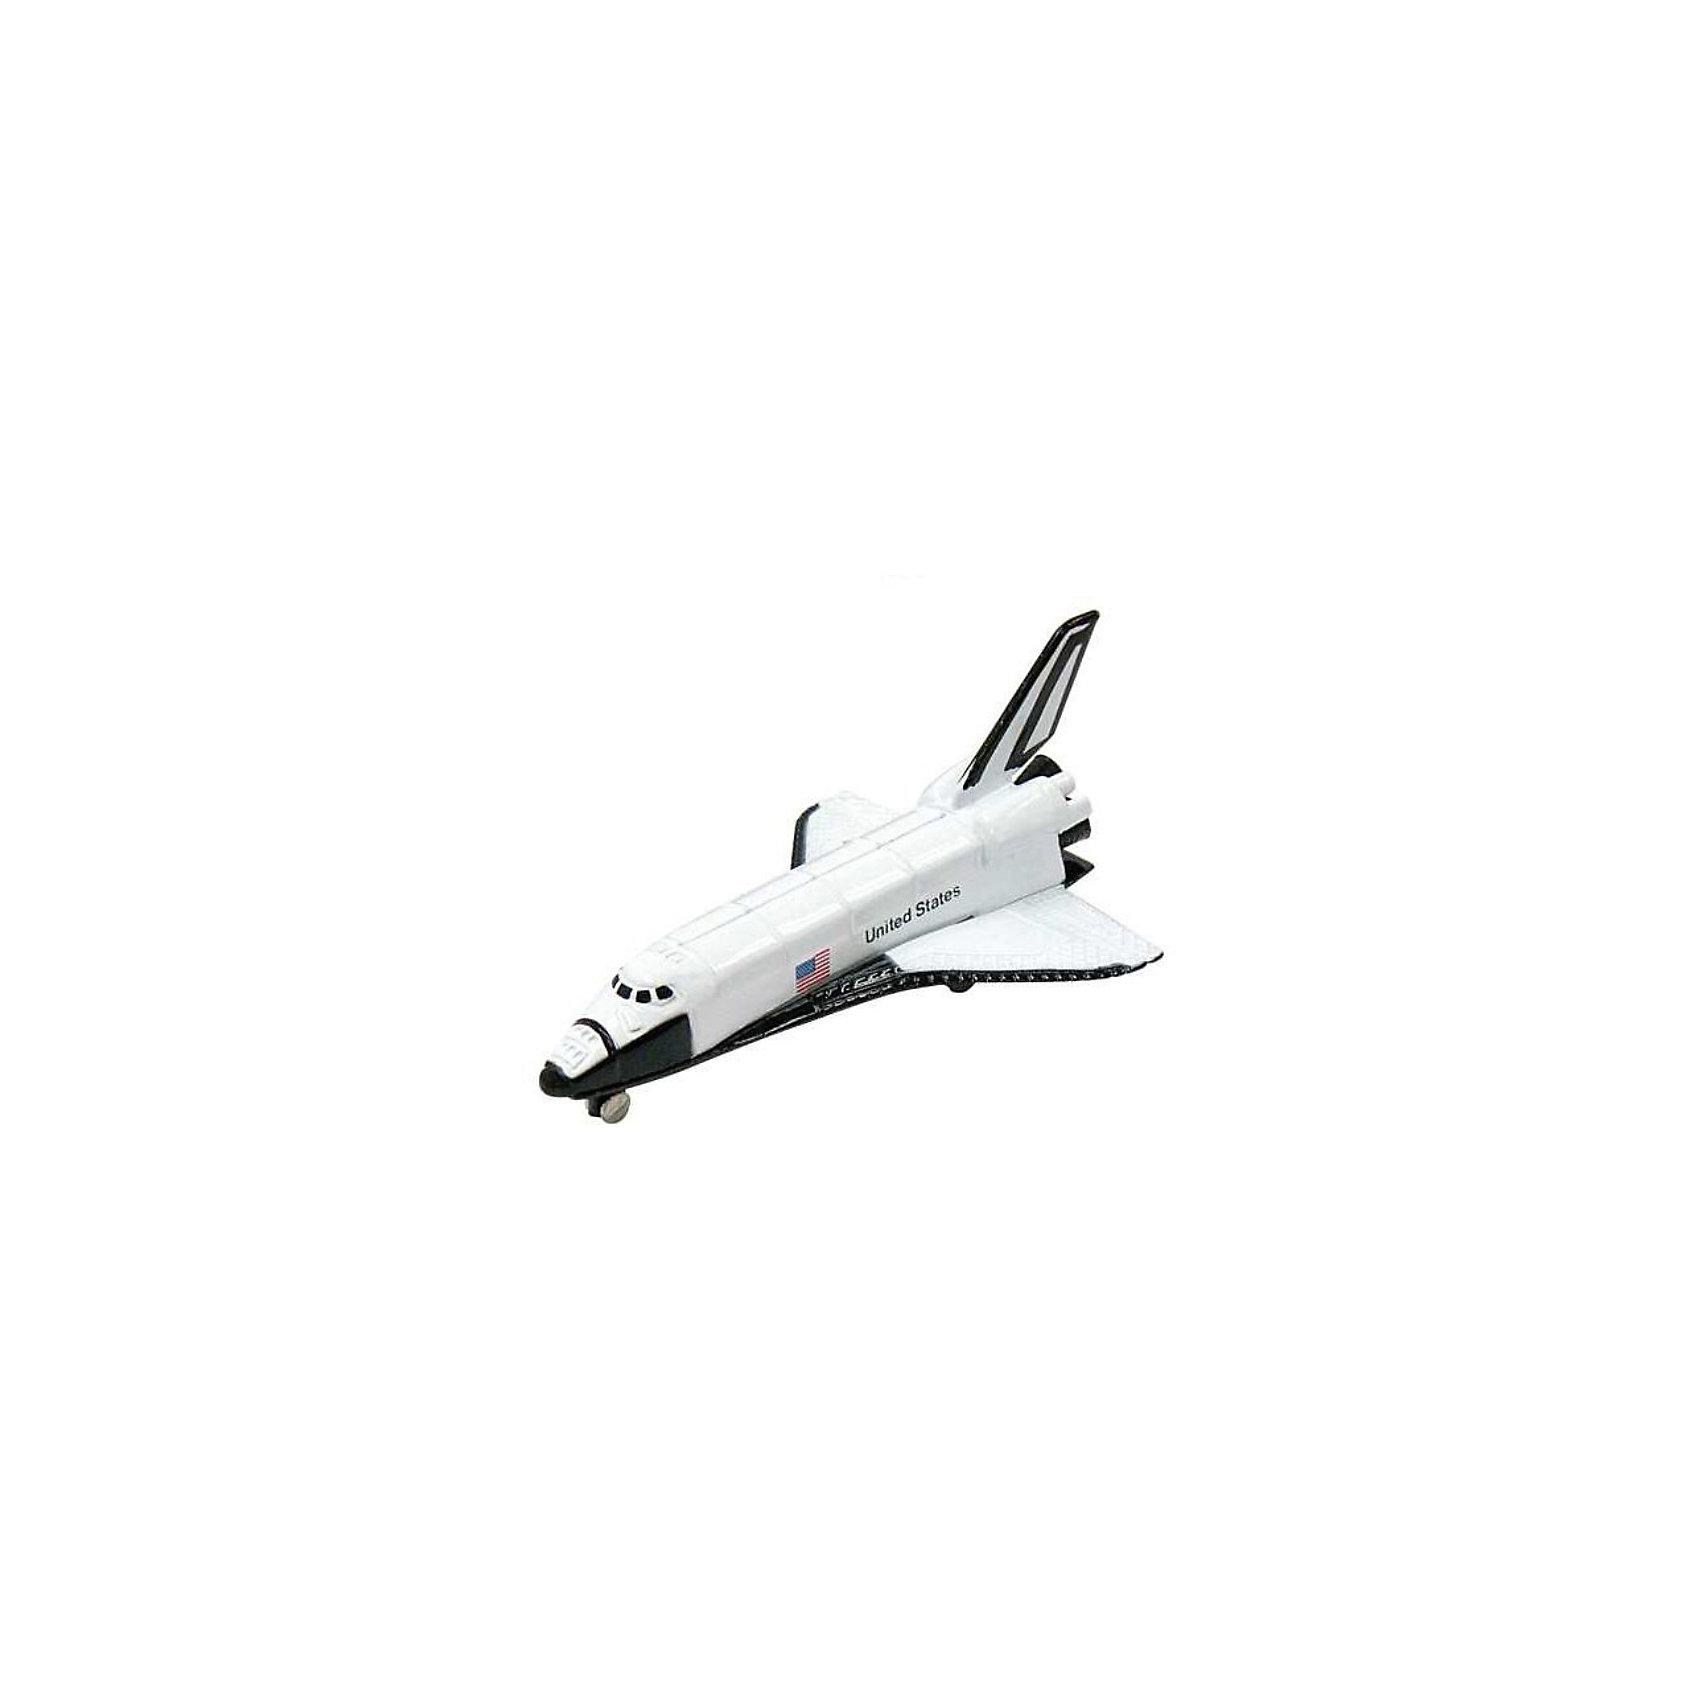 Космический корабль Space Shuttle,  MotormaxКосмический корабль Space Shuttle,  Motormax (Мотормакс) – это отличное пополнение коллекции авиационной техники.<br>Коллекционная игрушка космический корабль Space Shuttle от компании Motormax (Мотормакс) в точности повторяет контуры оригинального американского шаттла, чем вызовет неподдельный интерес, как у ребенка, так и взрослого коллекционера. Модель максимально приближена к своему прототипу. По сути это уменьшенная копия настоящего Шаттла, сохранившая его пропорции и узнаваемые элементы. Стоит также отметить хорошую для таких размеров детализацию. Модель изготовлена из прочного и качественного пластика, поэтому может использоваться и для обычной игры.<br><br>Дополнительная информация:<br><br>- Длина самолета: 9 см.<br>- Материал: пластик<br><br>Космический корабль Space Shuttle,  Motormax (Мотормакс) можно купить в нашем интернет-магазине.<br><br>Ширина мм: 127<br>Глубина мм: 30<br>Высота мм: 178<br>Вес г: 80<br>Возраст от месяцев: 36<br>Возраст до месяцев: 168<br>Пол: Мужской<br>Возраст: Детский<br>SKU: 3839004